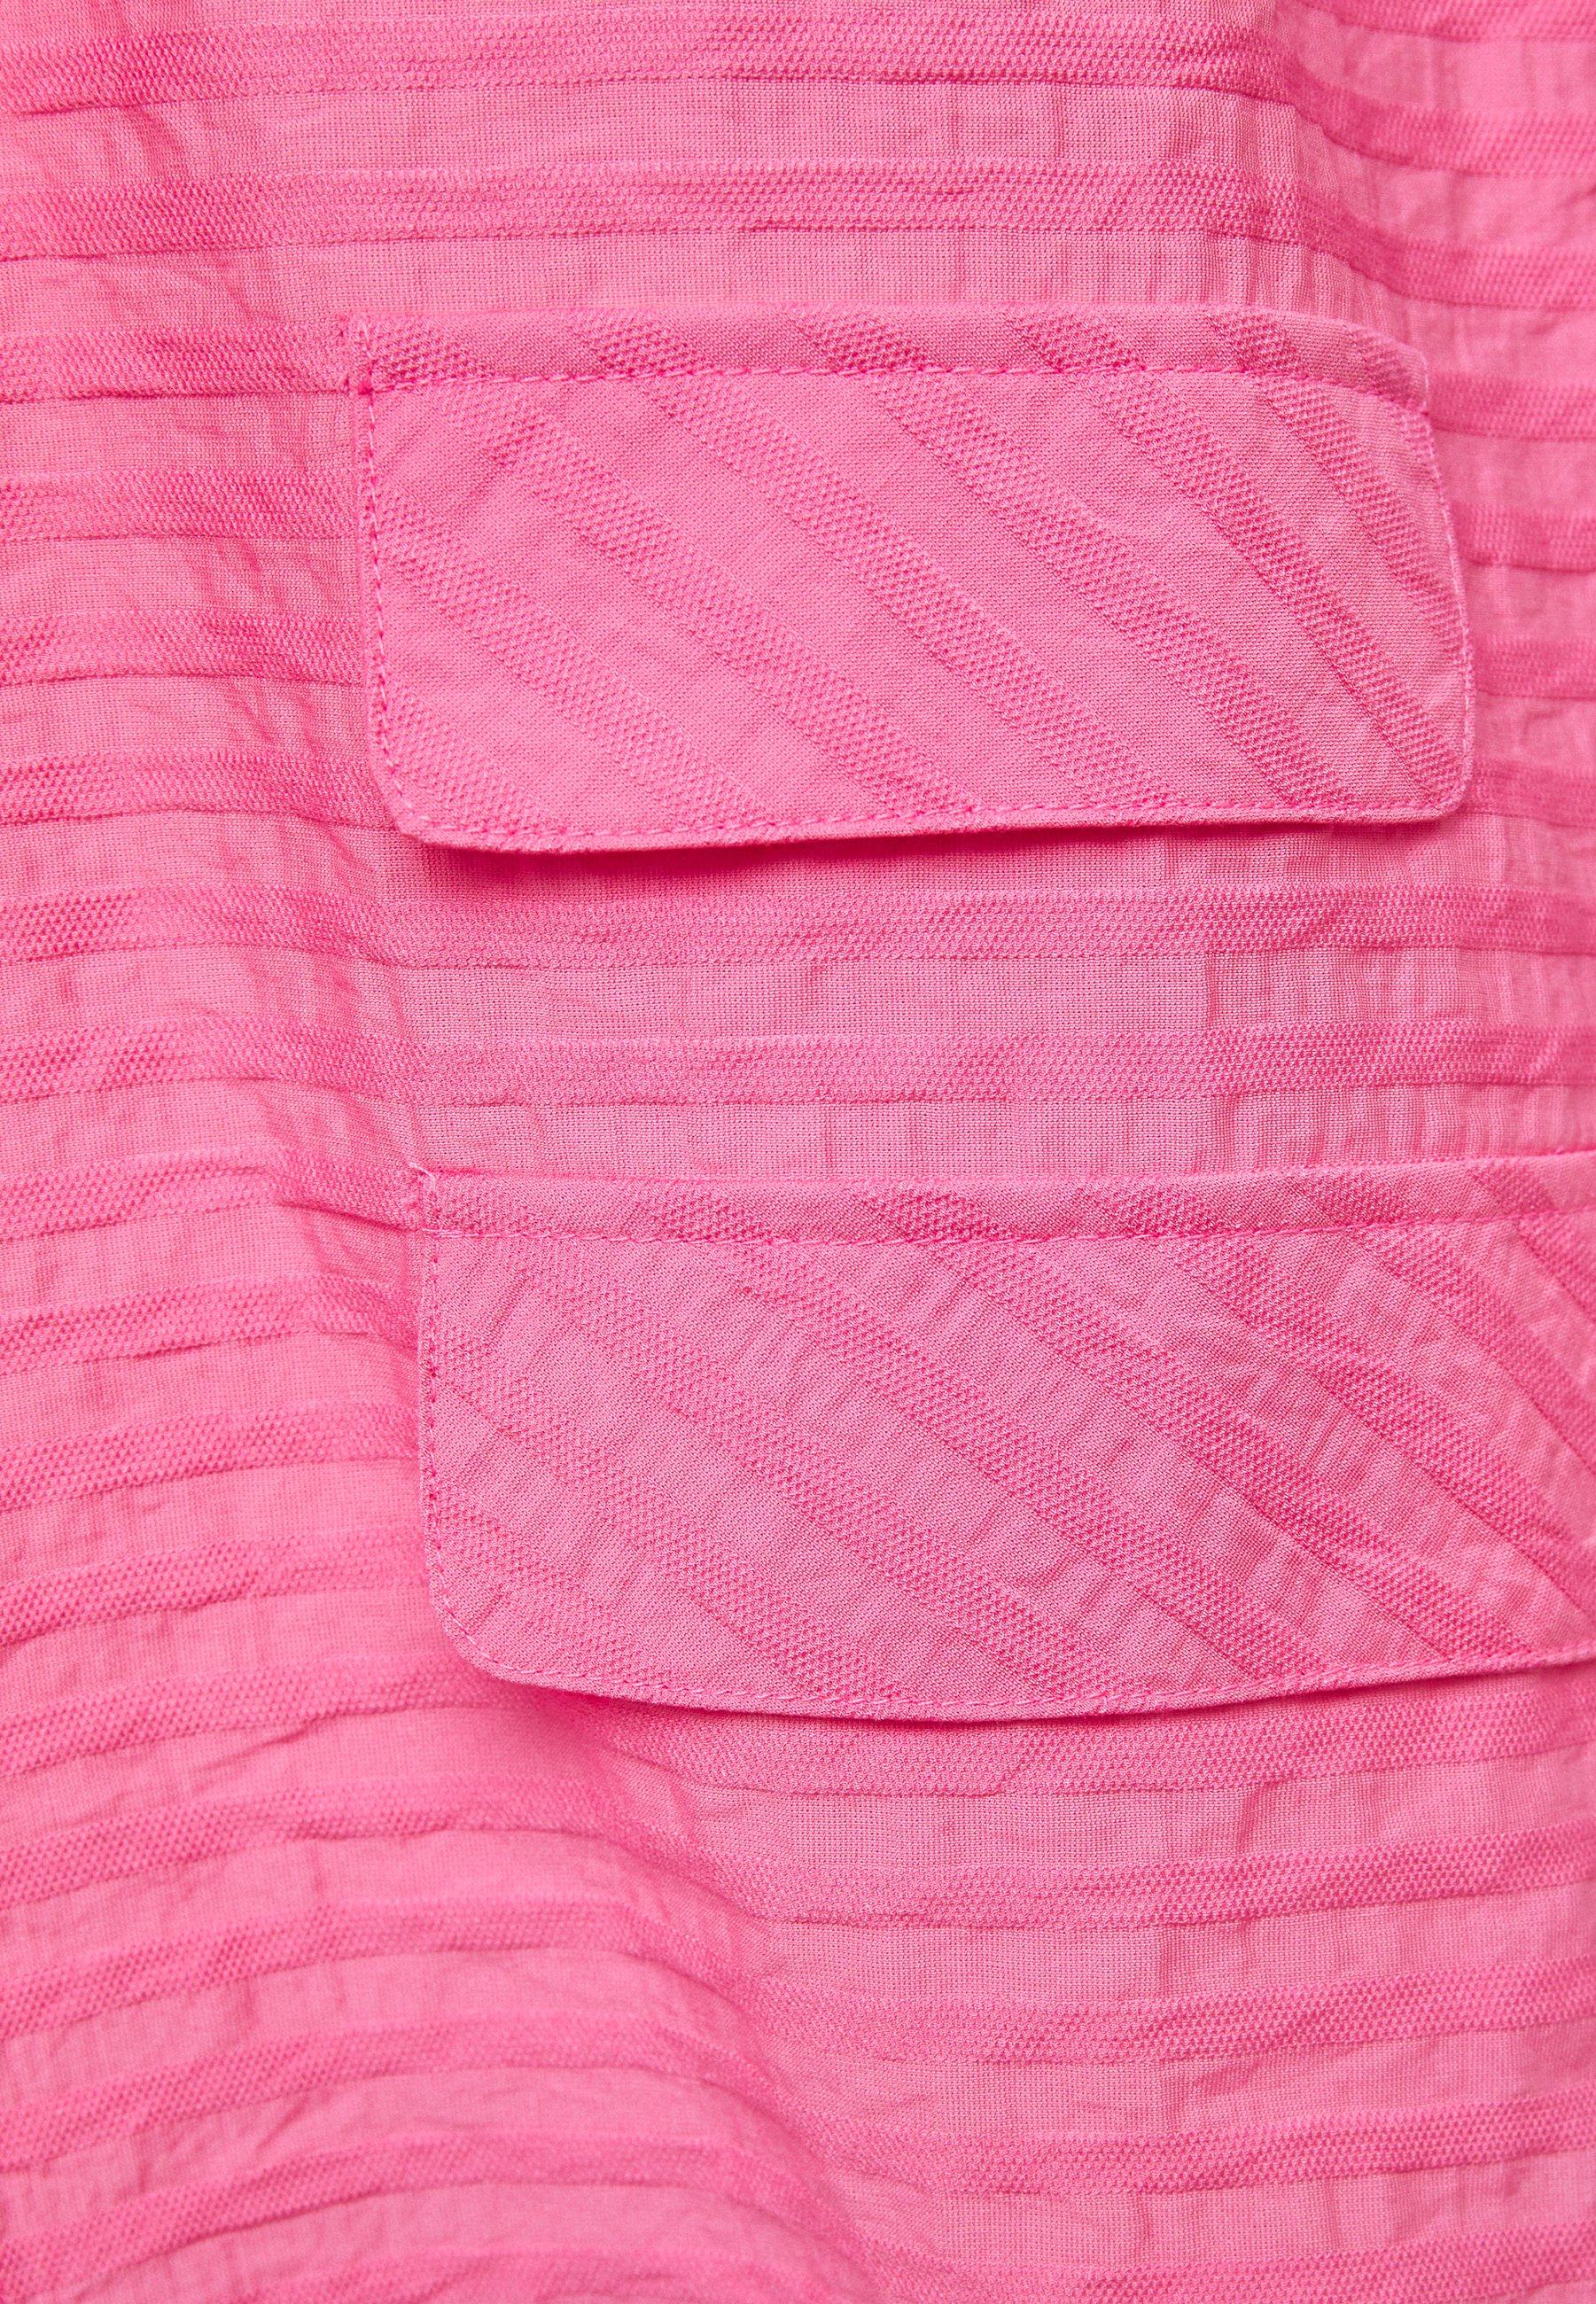 New Arrival Women's Clothing Résumé ADRINA Button-down blouse bubblegum W9s6O9LyW